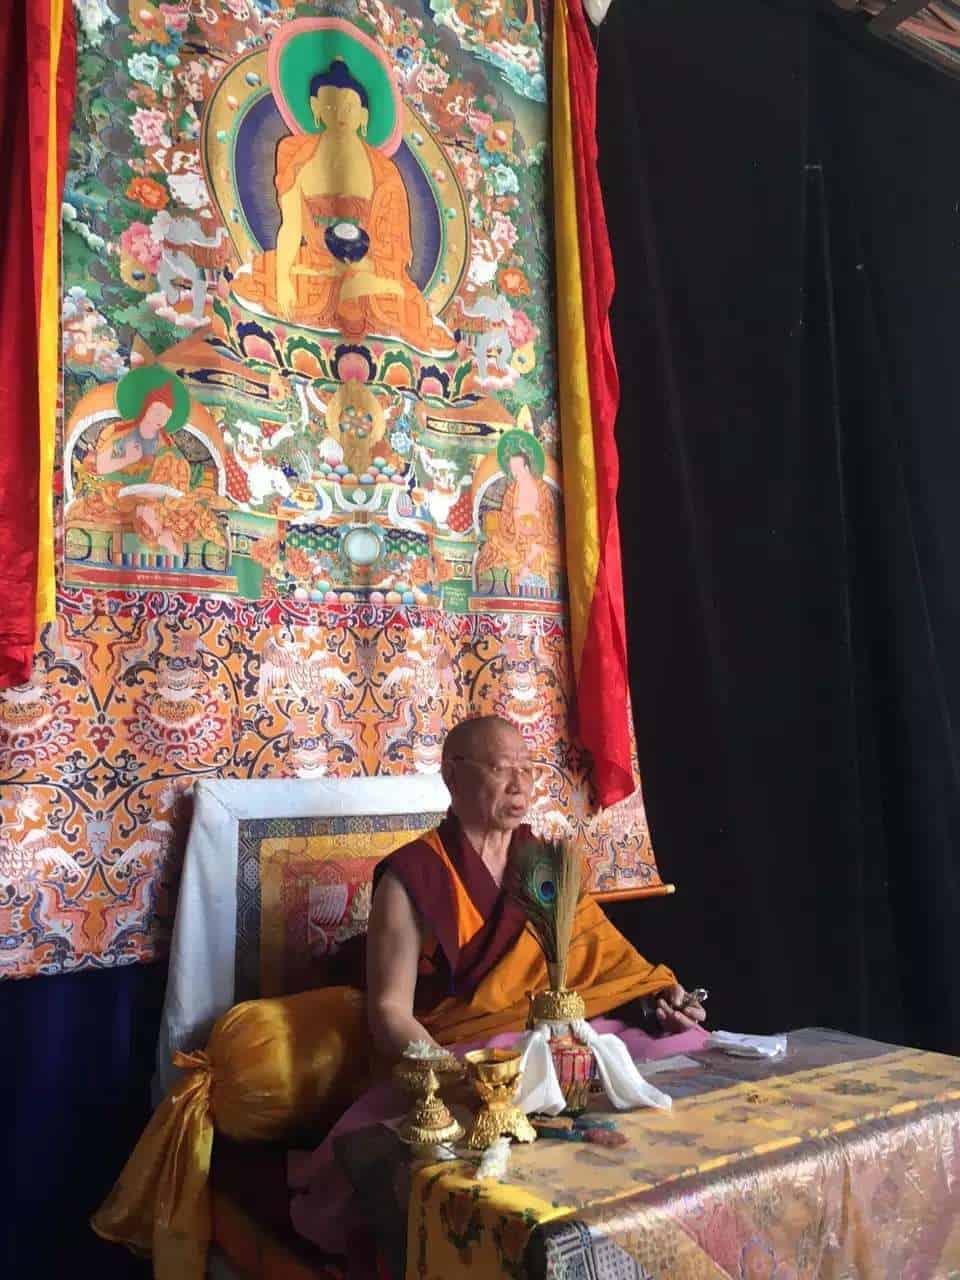 gosok-rinpoche-toronto-2016-36f186487b3e5570ef46a9eb386102a